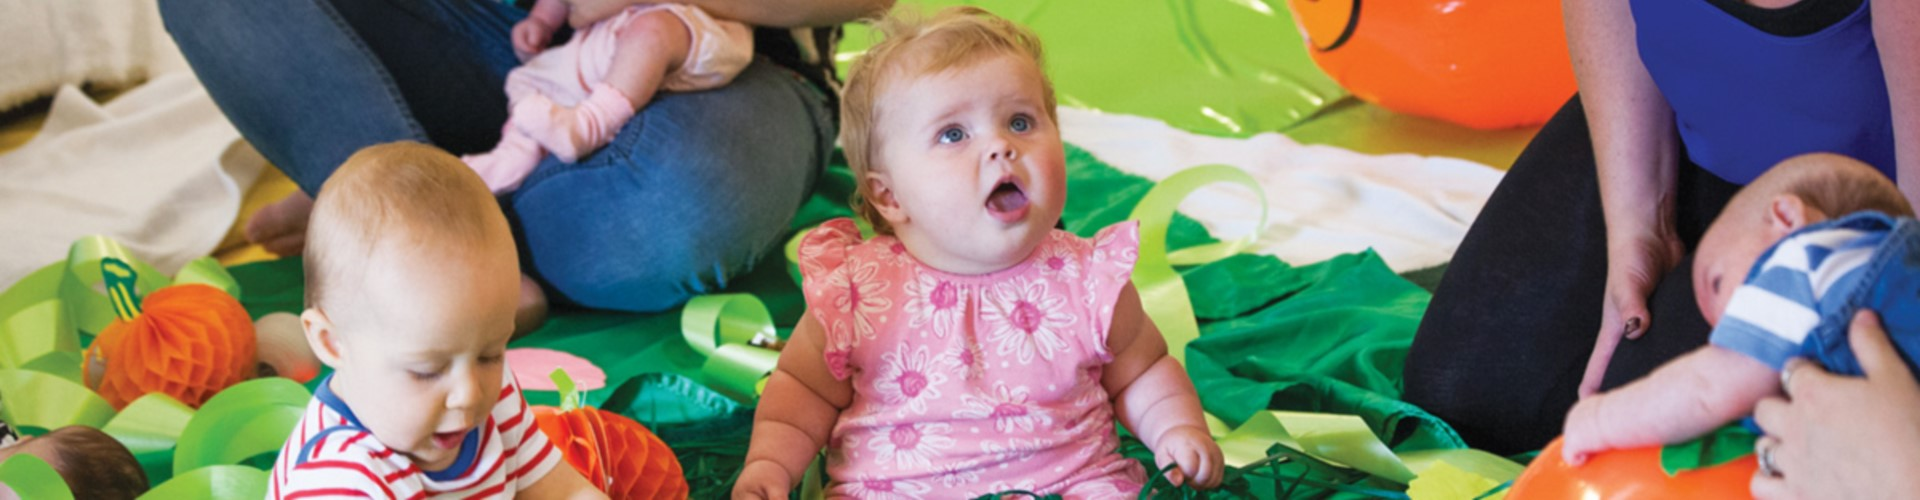 BABY SENSORY background image